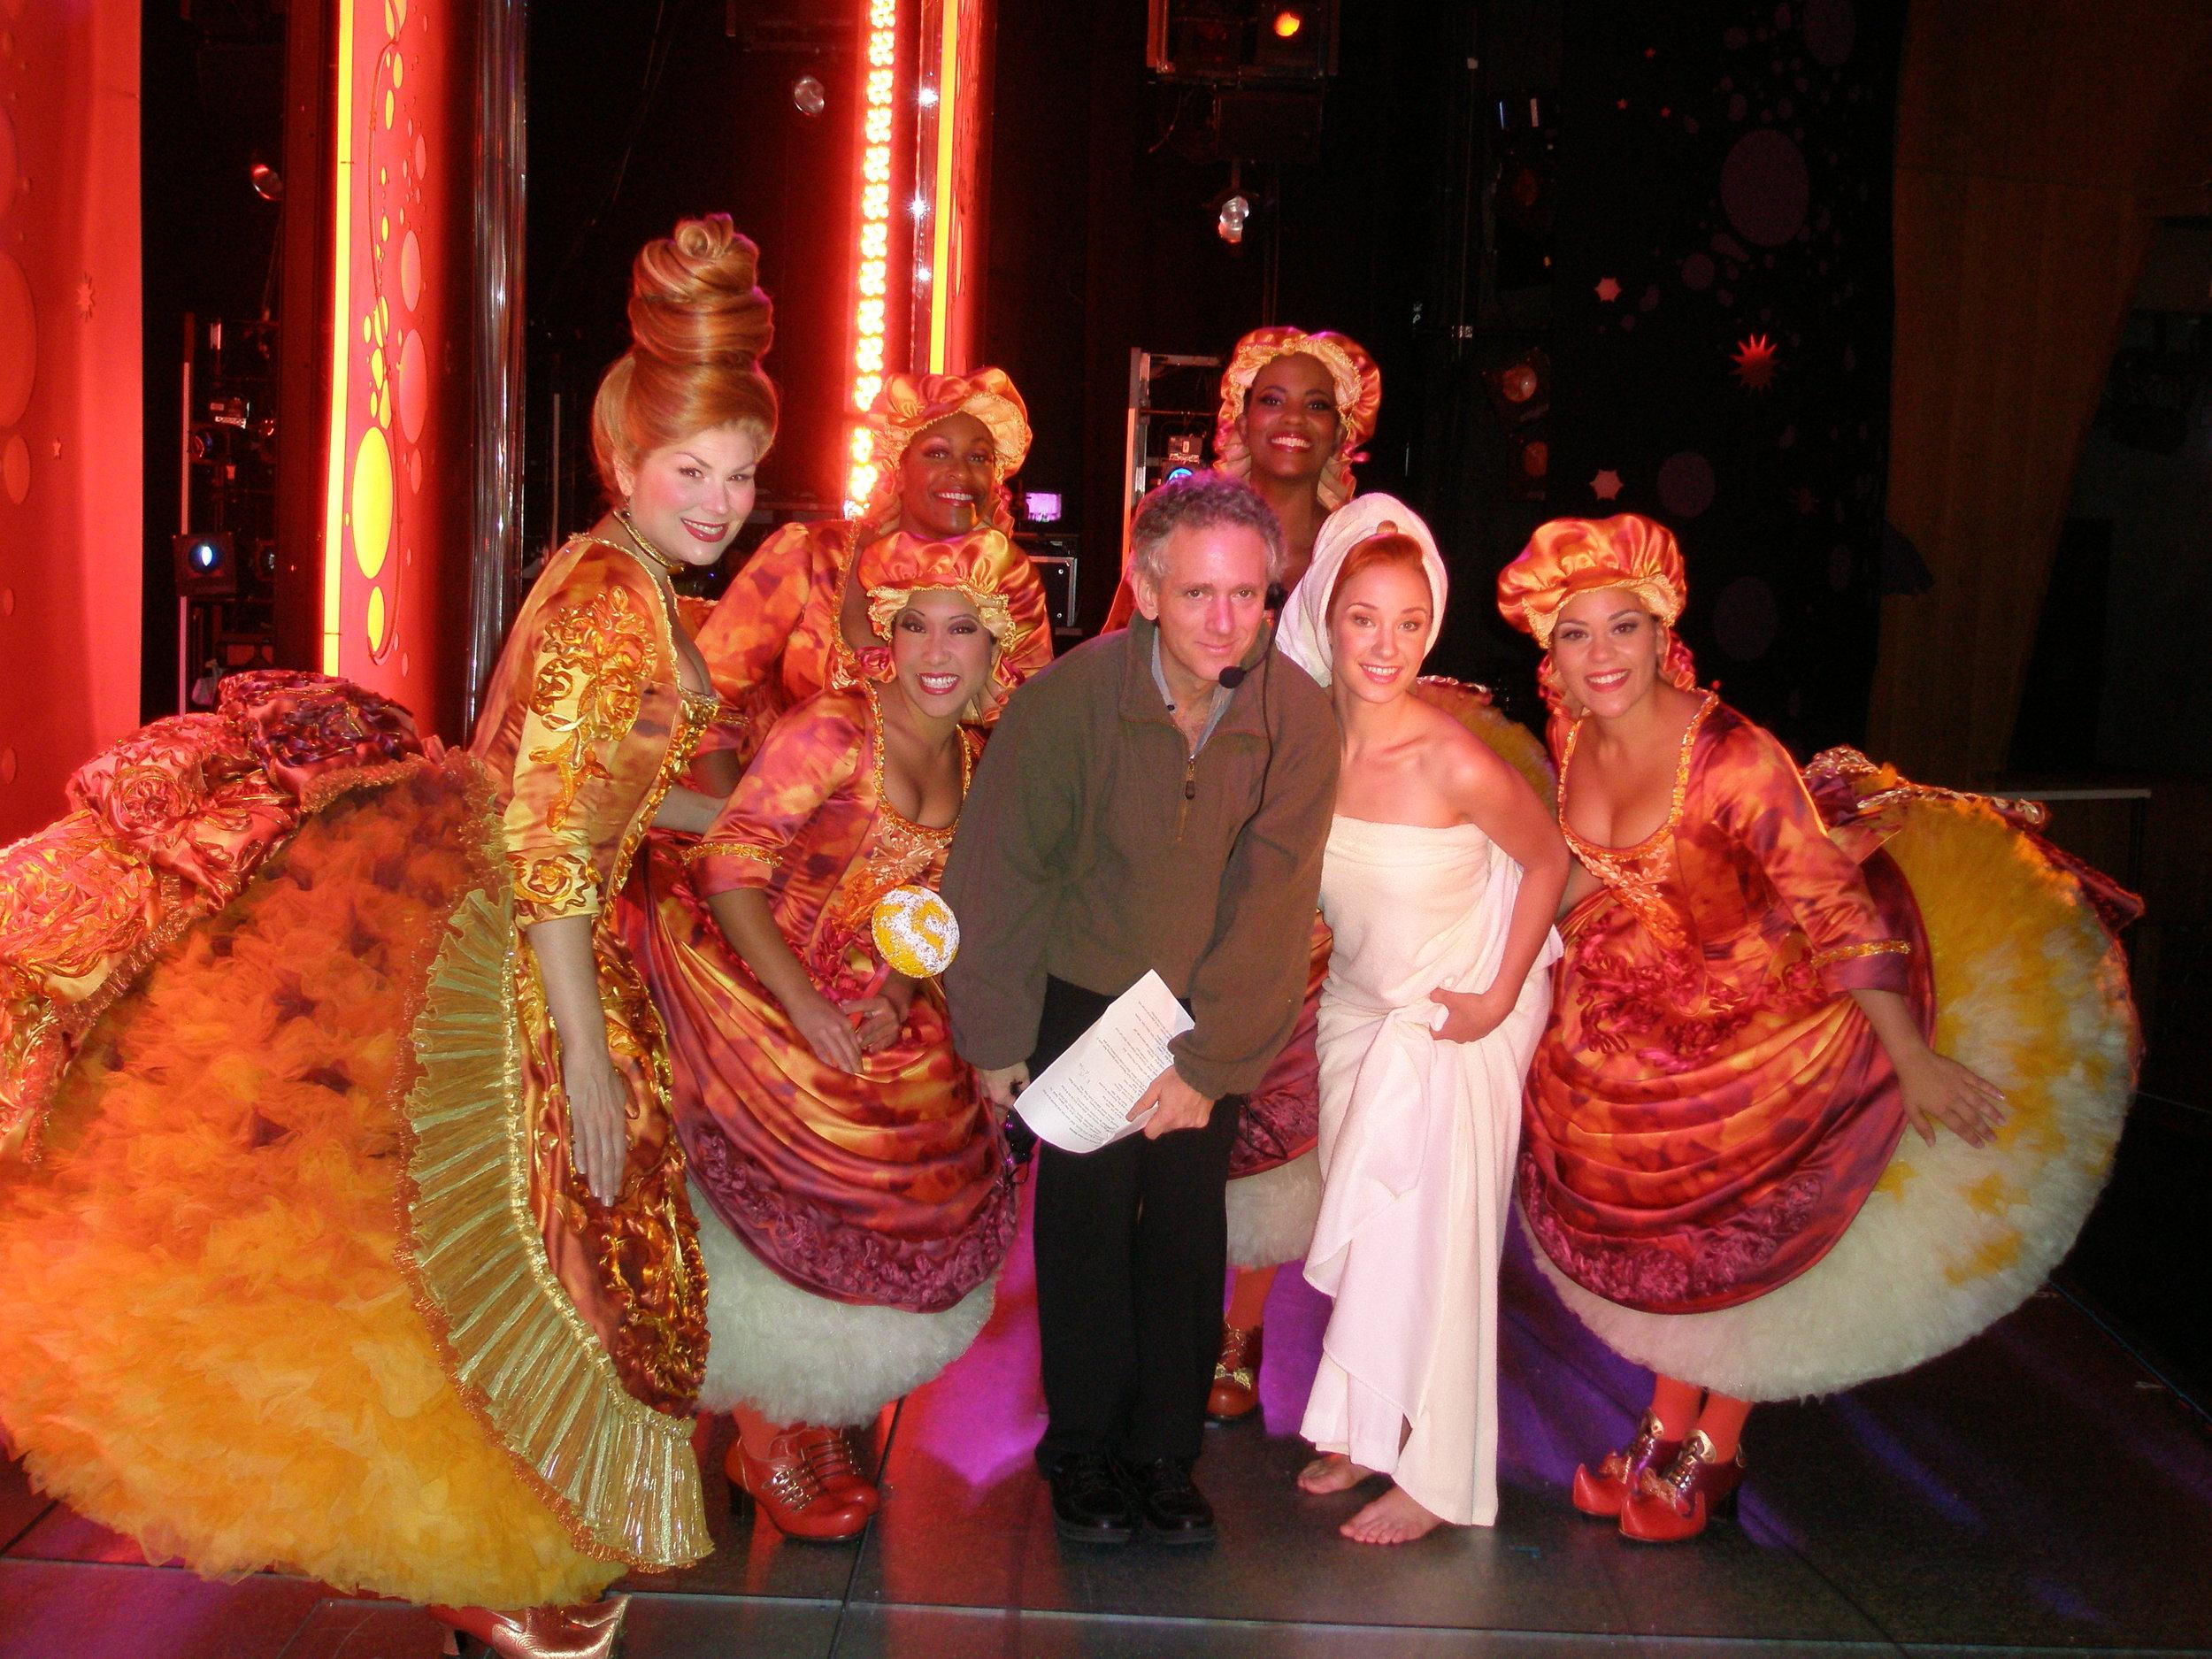 Sierra-Boggess-Little-Mermaid-Broadway-Denver Photo Call 9-7-2007 (7).JPG